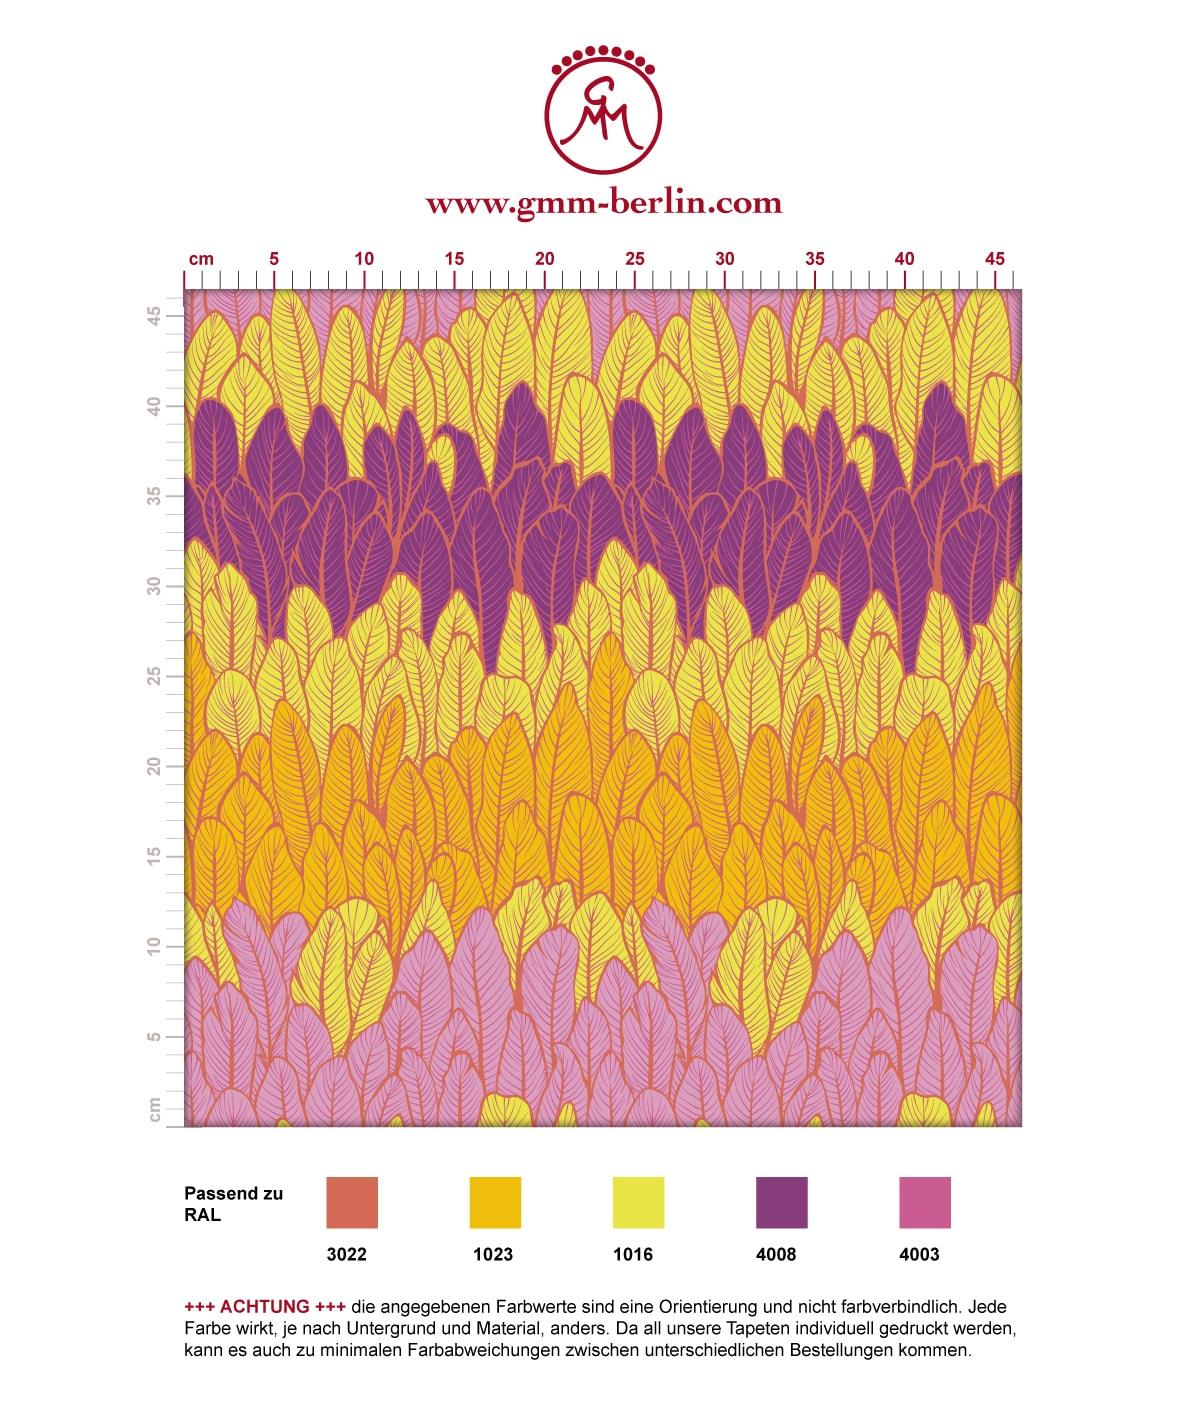 Moderne Streifentapete mit Federn in gelb rosa angepasst an RAL Wandfarben. Aus dem GMM-BERLIN.com Sortiment: Schöne Tapeten in der Farbe: gelb